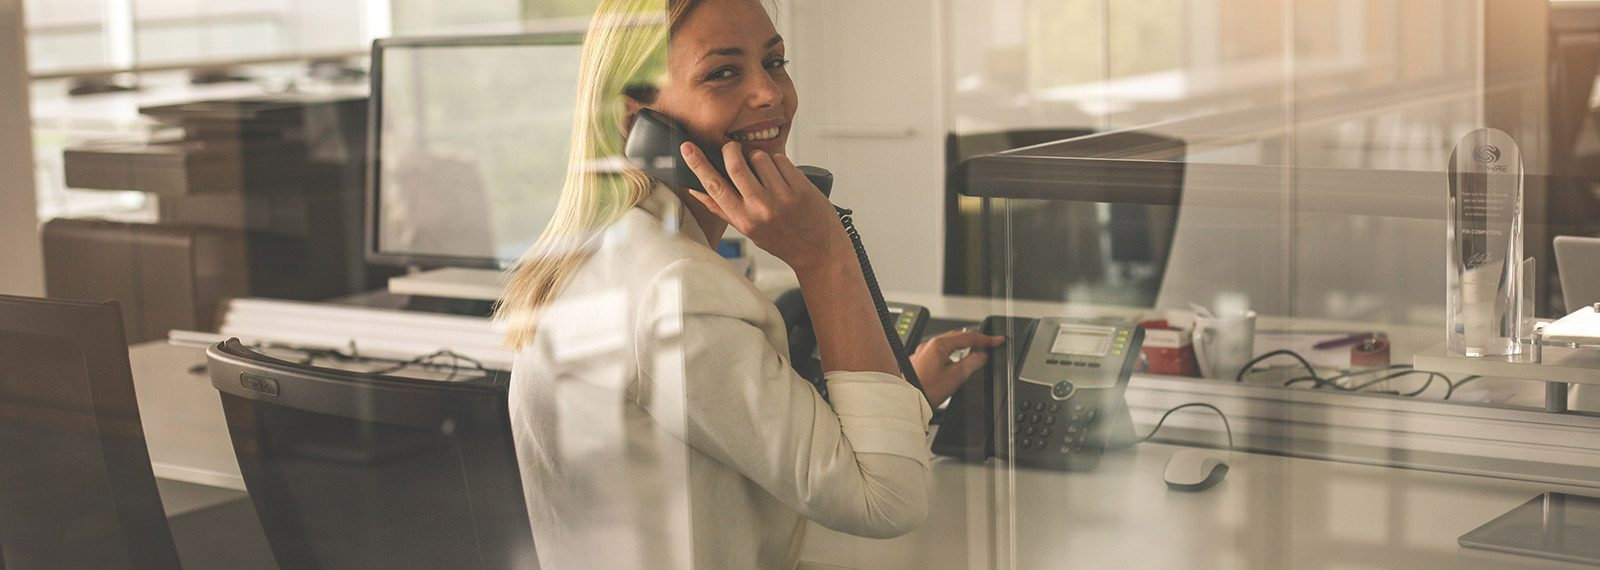 Junge Frau beantwortet telefonische Anfragen